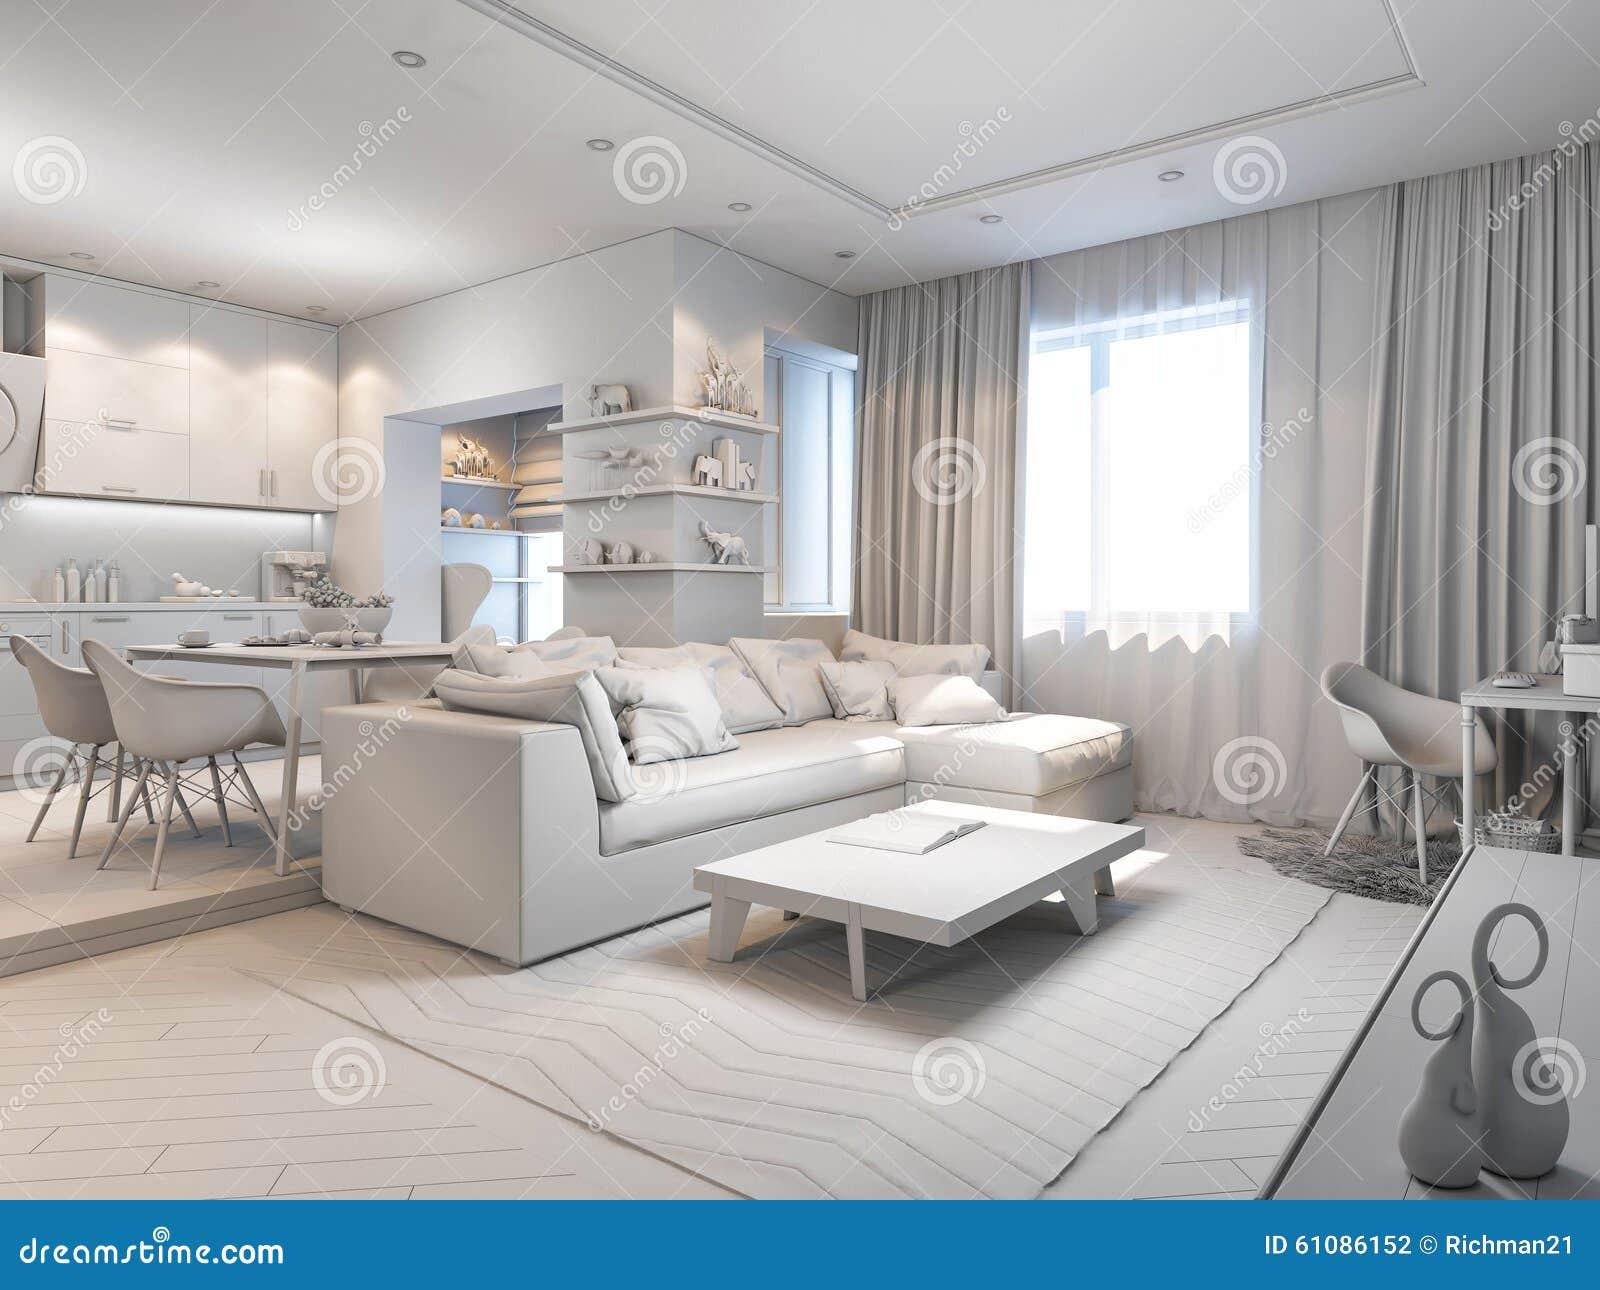 Illustration 3d Av Små Lägenheter Utan Texturer I Vit Färg Stock ...